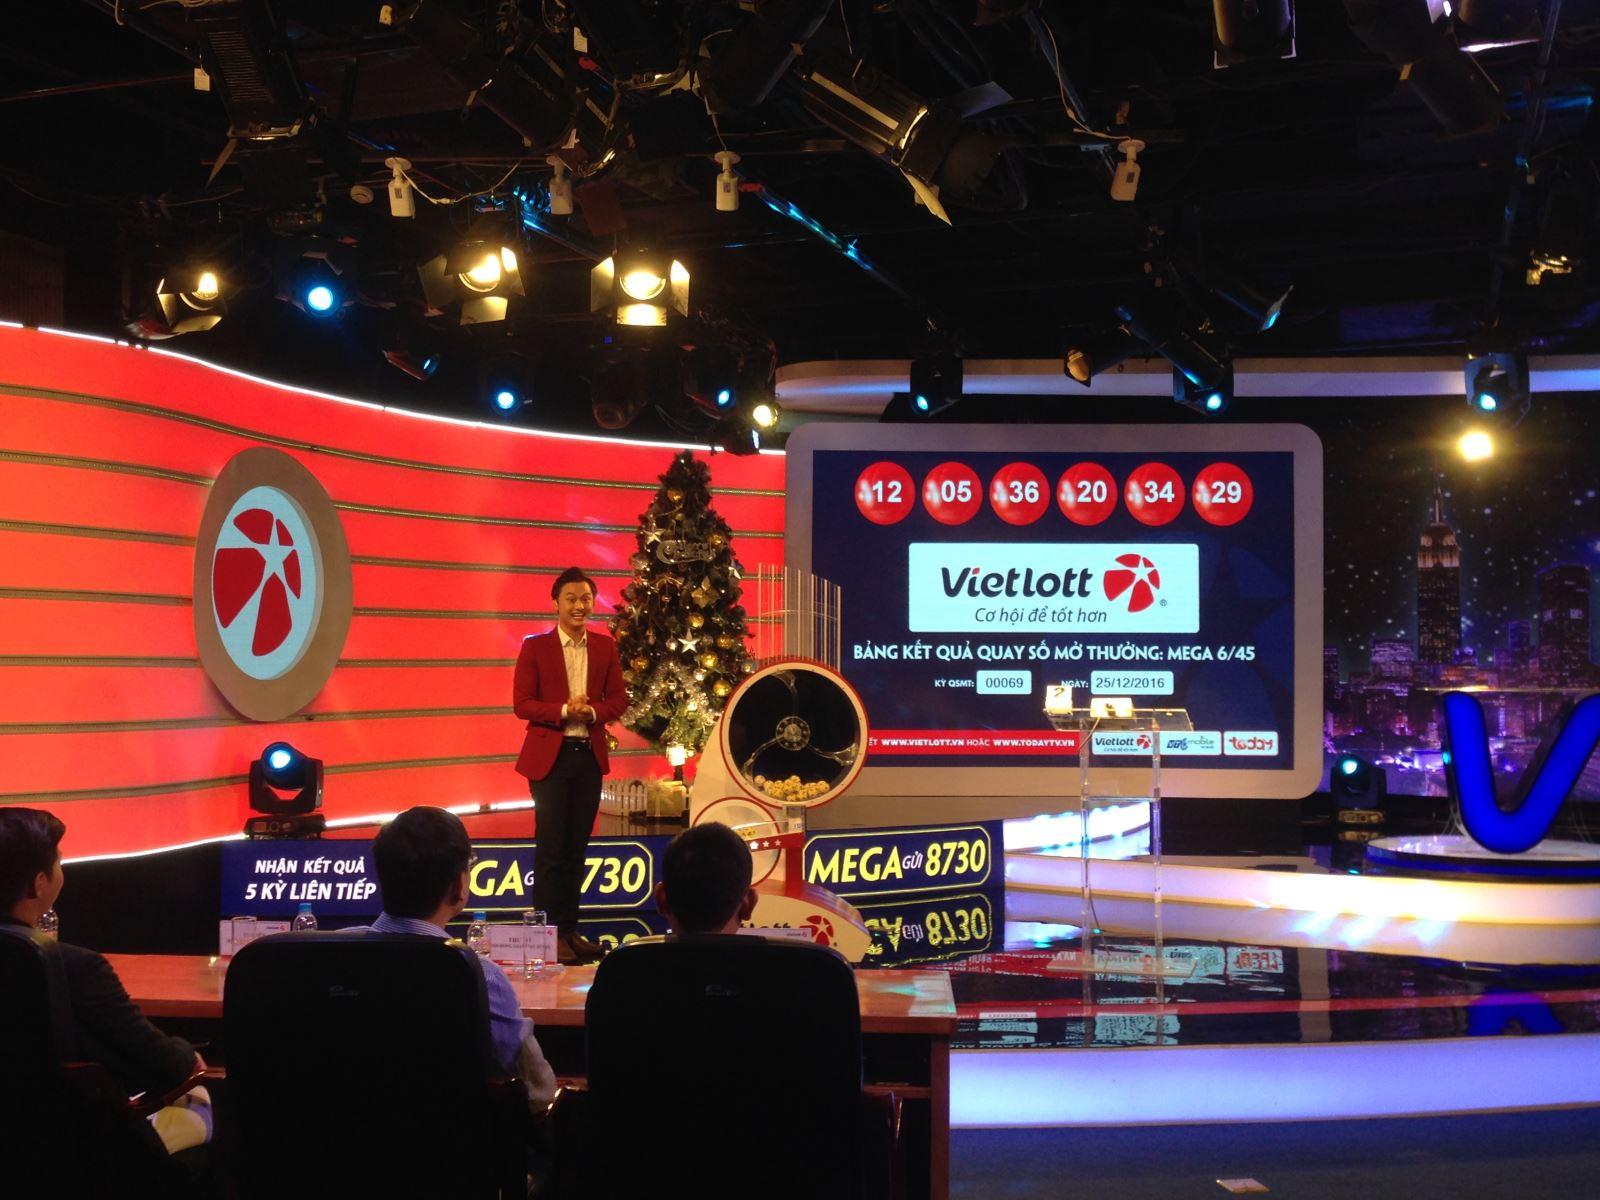 Chủ nhân 2 giải Jackpot 160 tỷ đồng đã liên hệ nhận thưởng - Ảnh 1